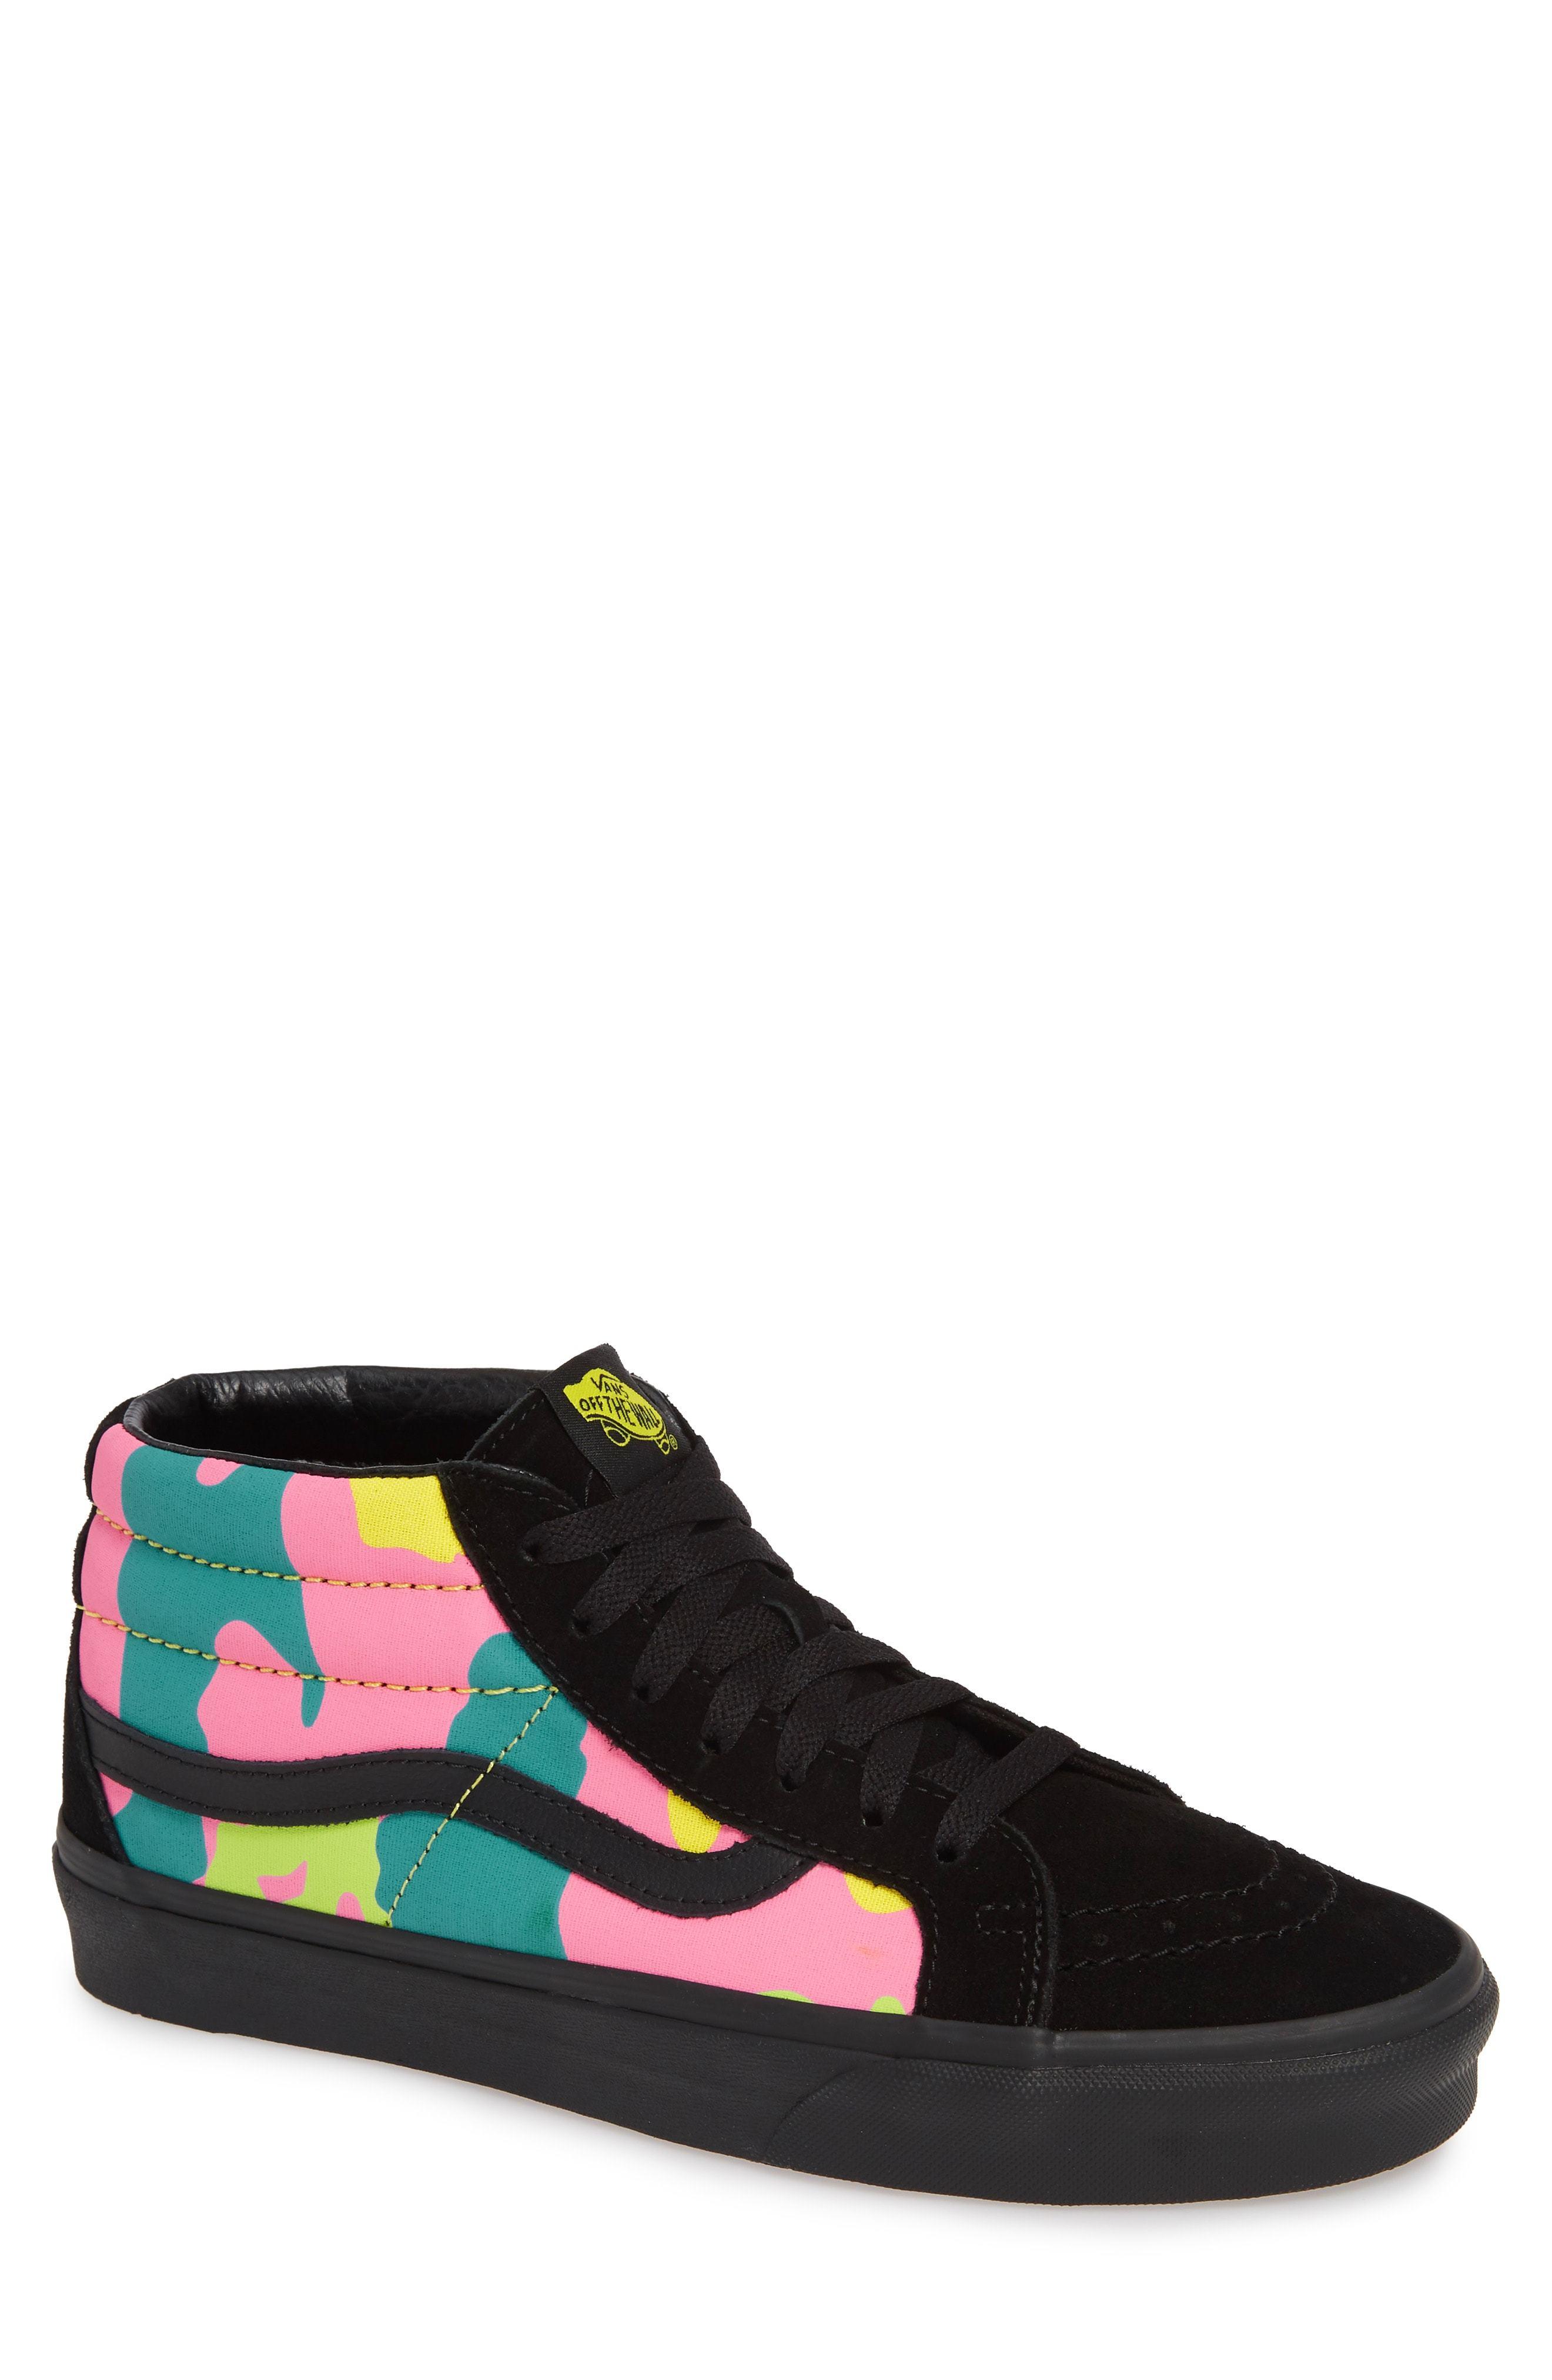 10f2078786a5 ... Vans Sk8 Mid Reissue Neon Camo Sneaker